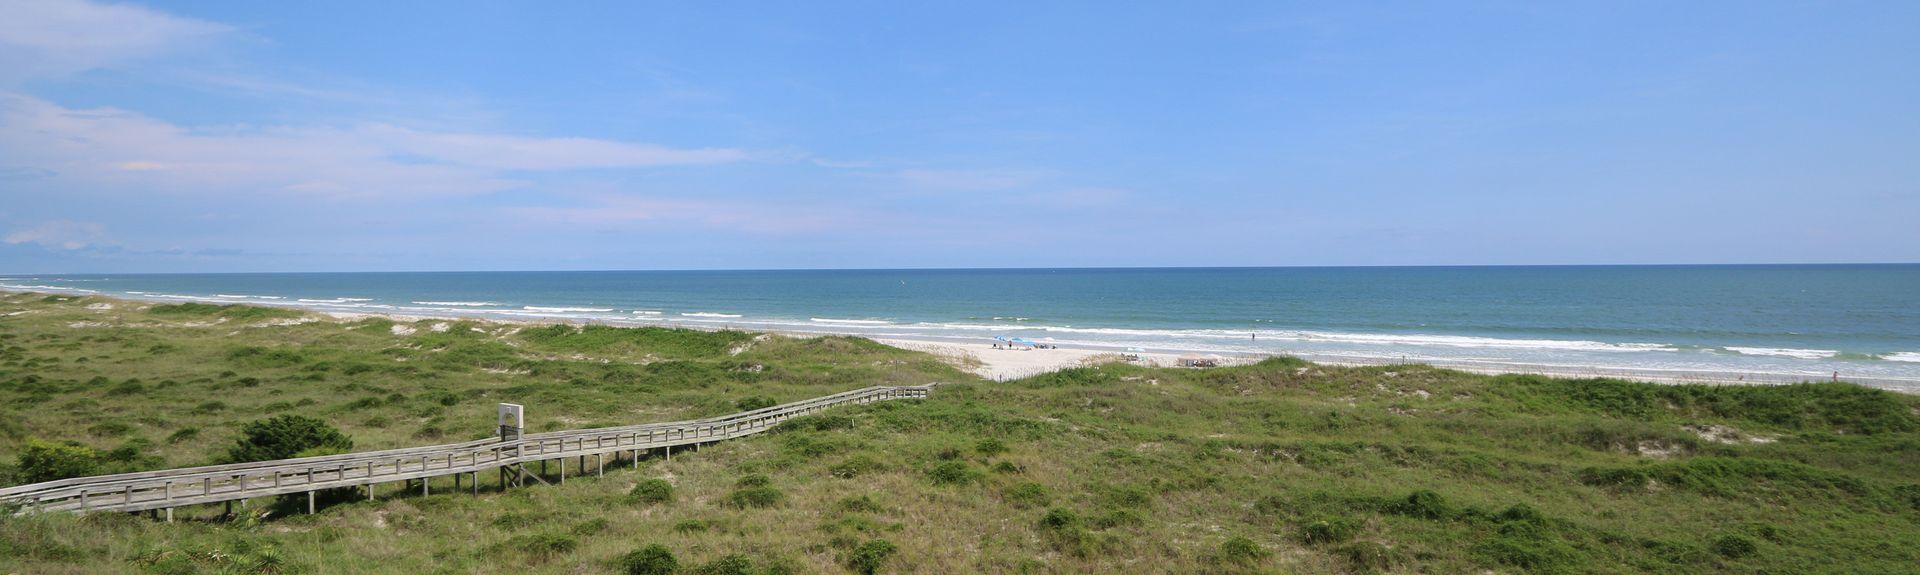 Jetée de Surf City, Holly Ridge, Caroline du Nord, États-Unis d'Amérique